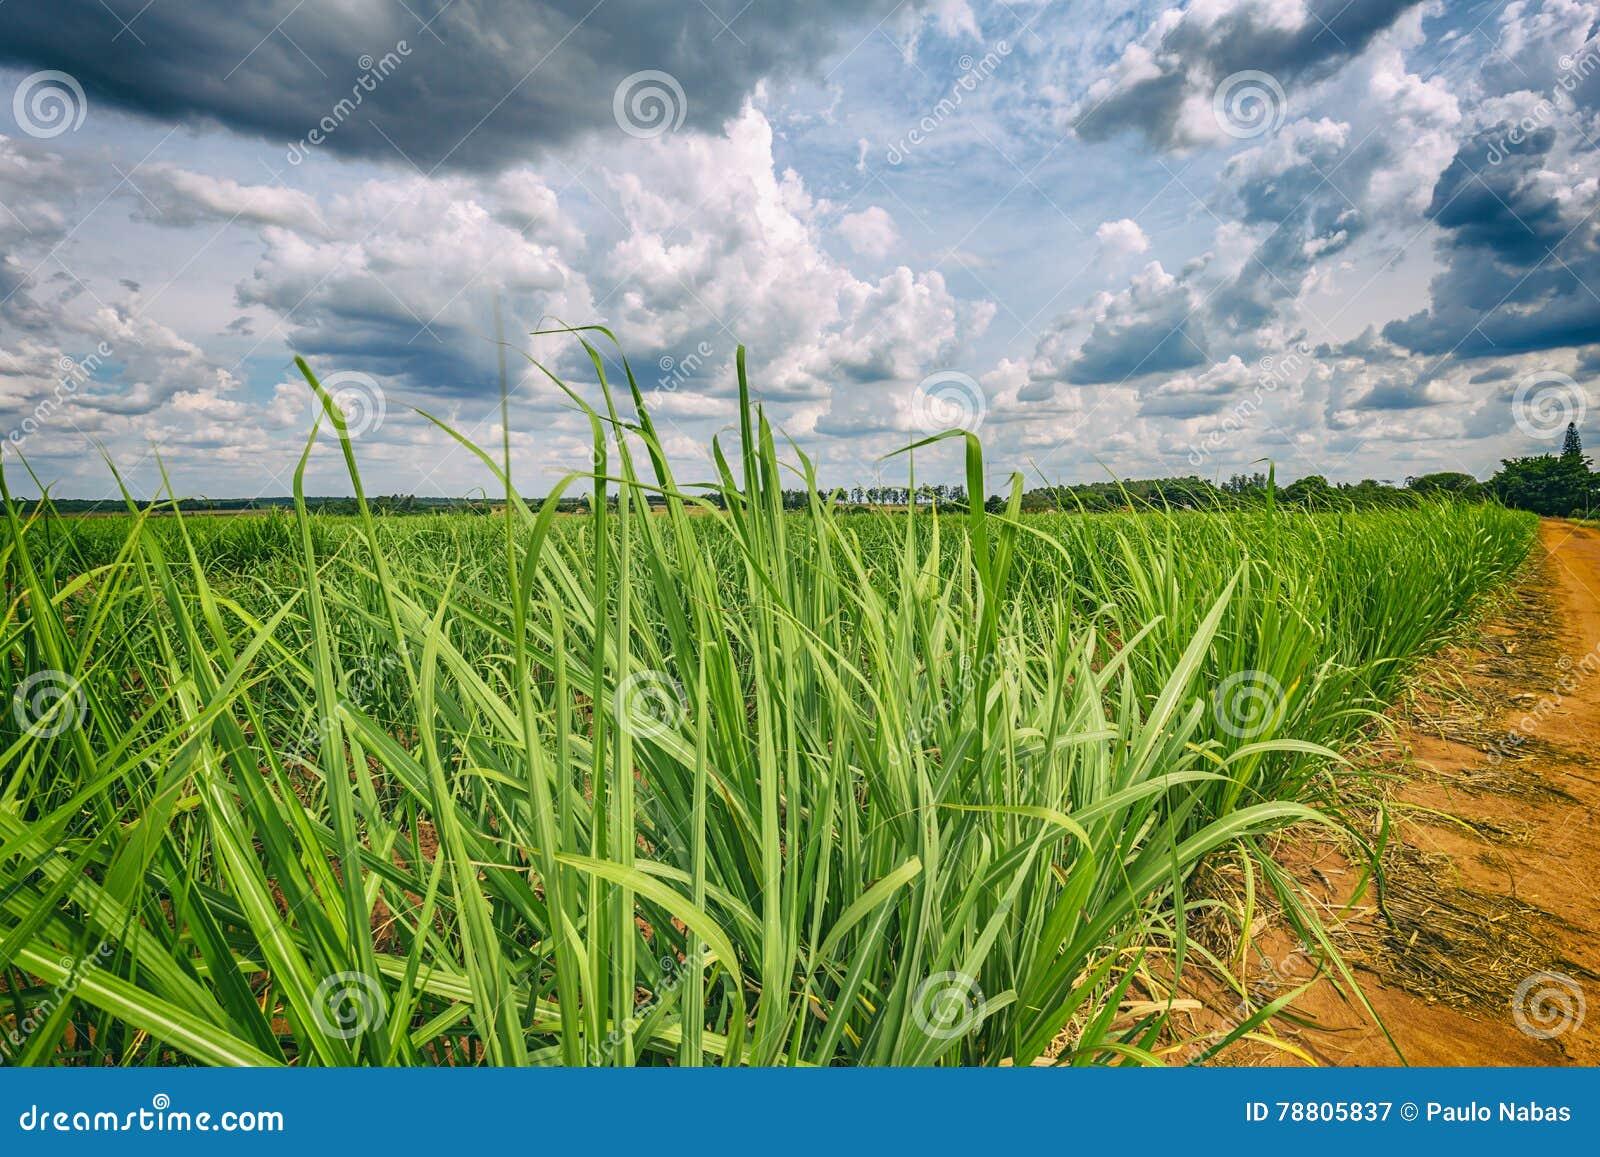 Piantagione di canna da zucchero e cielo nuvoloso - coutryside del Brasile